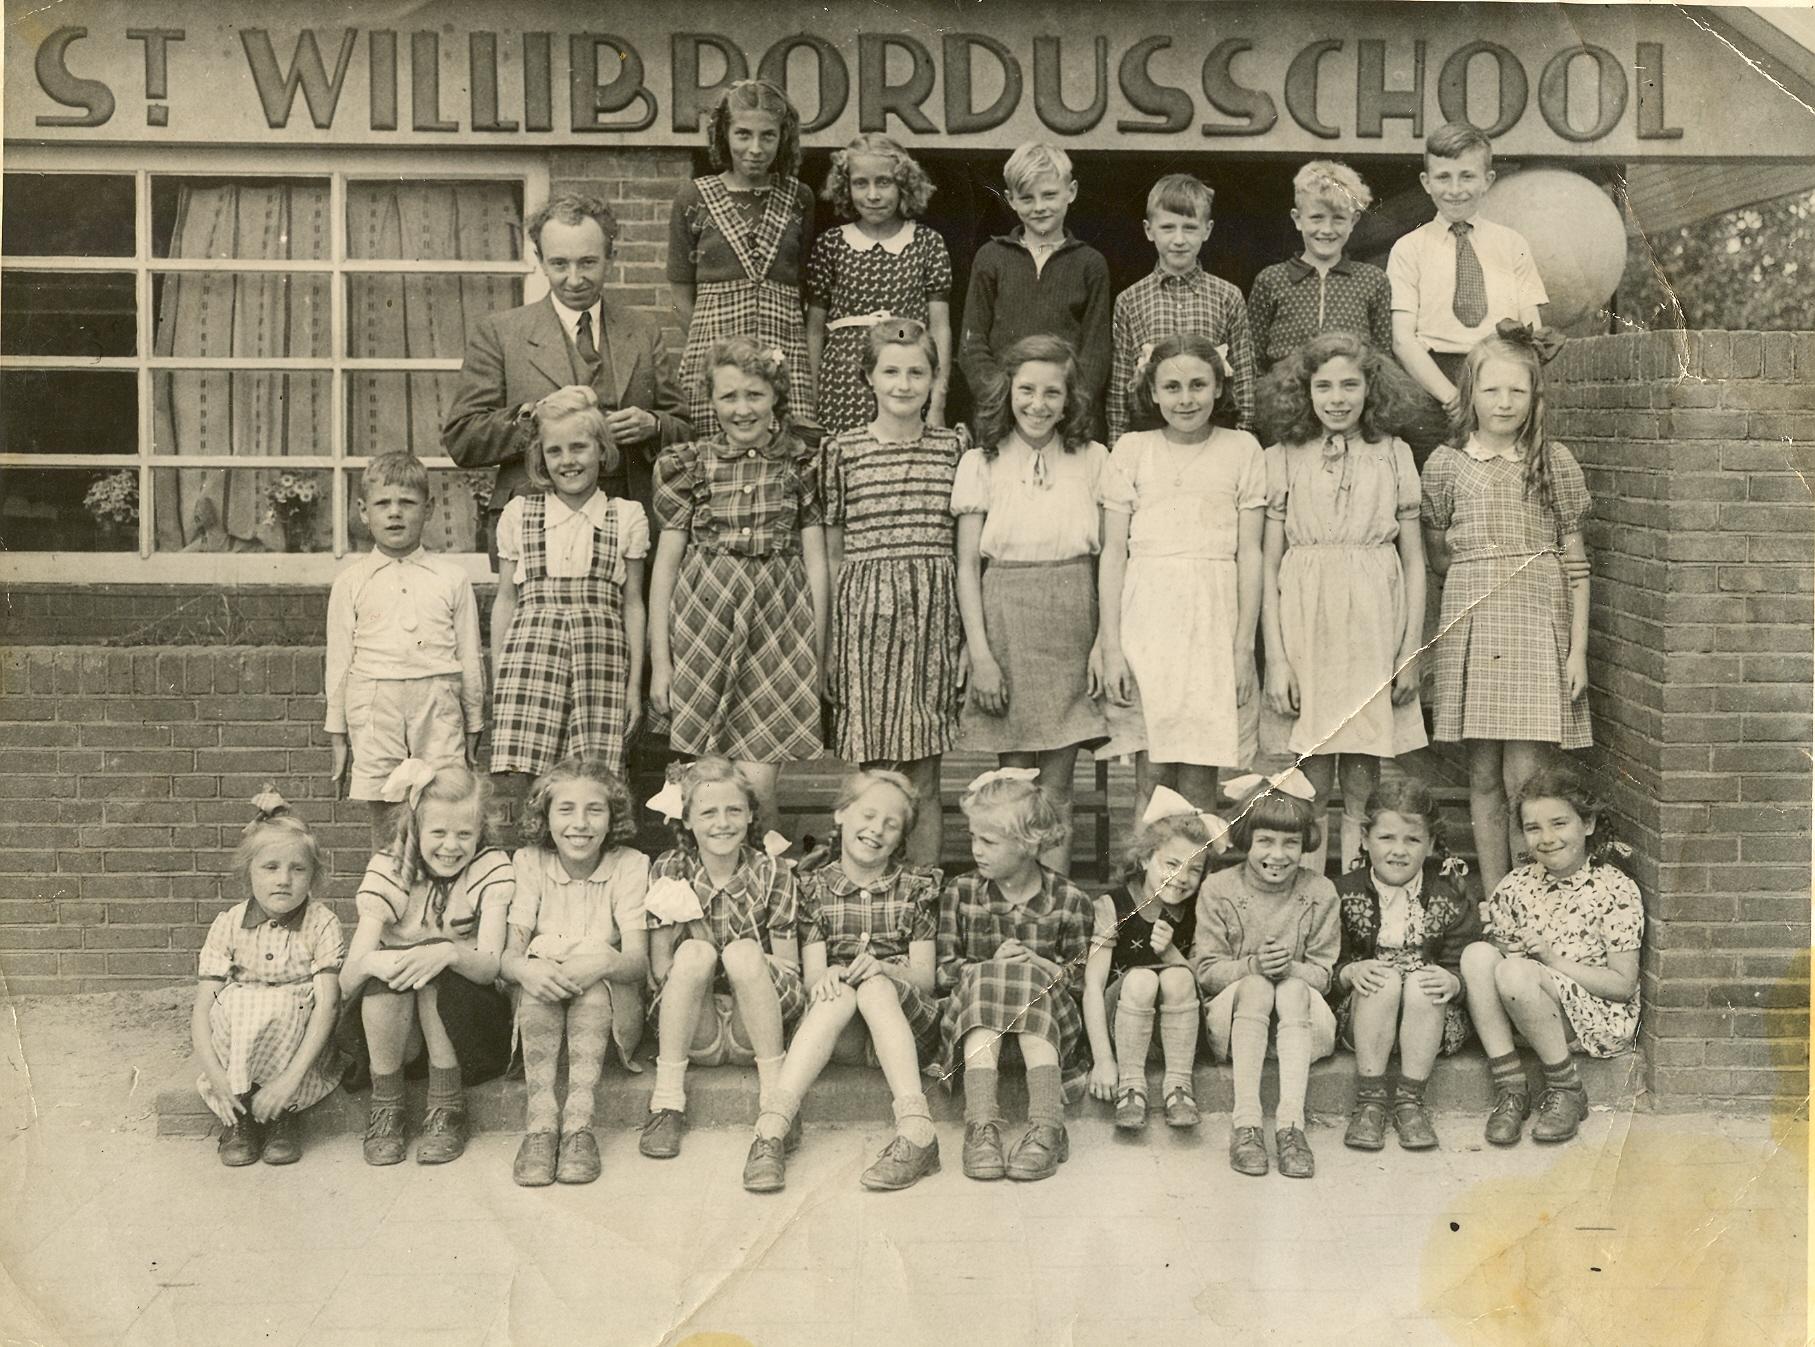 St. Willibrordschool (l.o.) foto